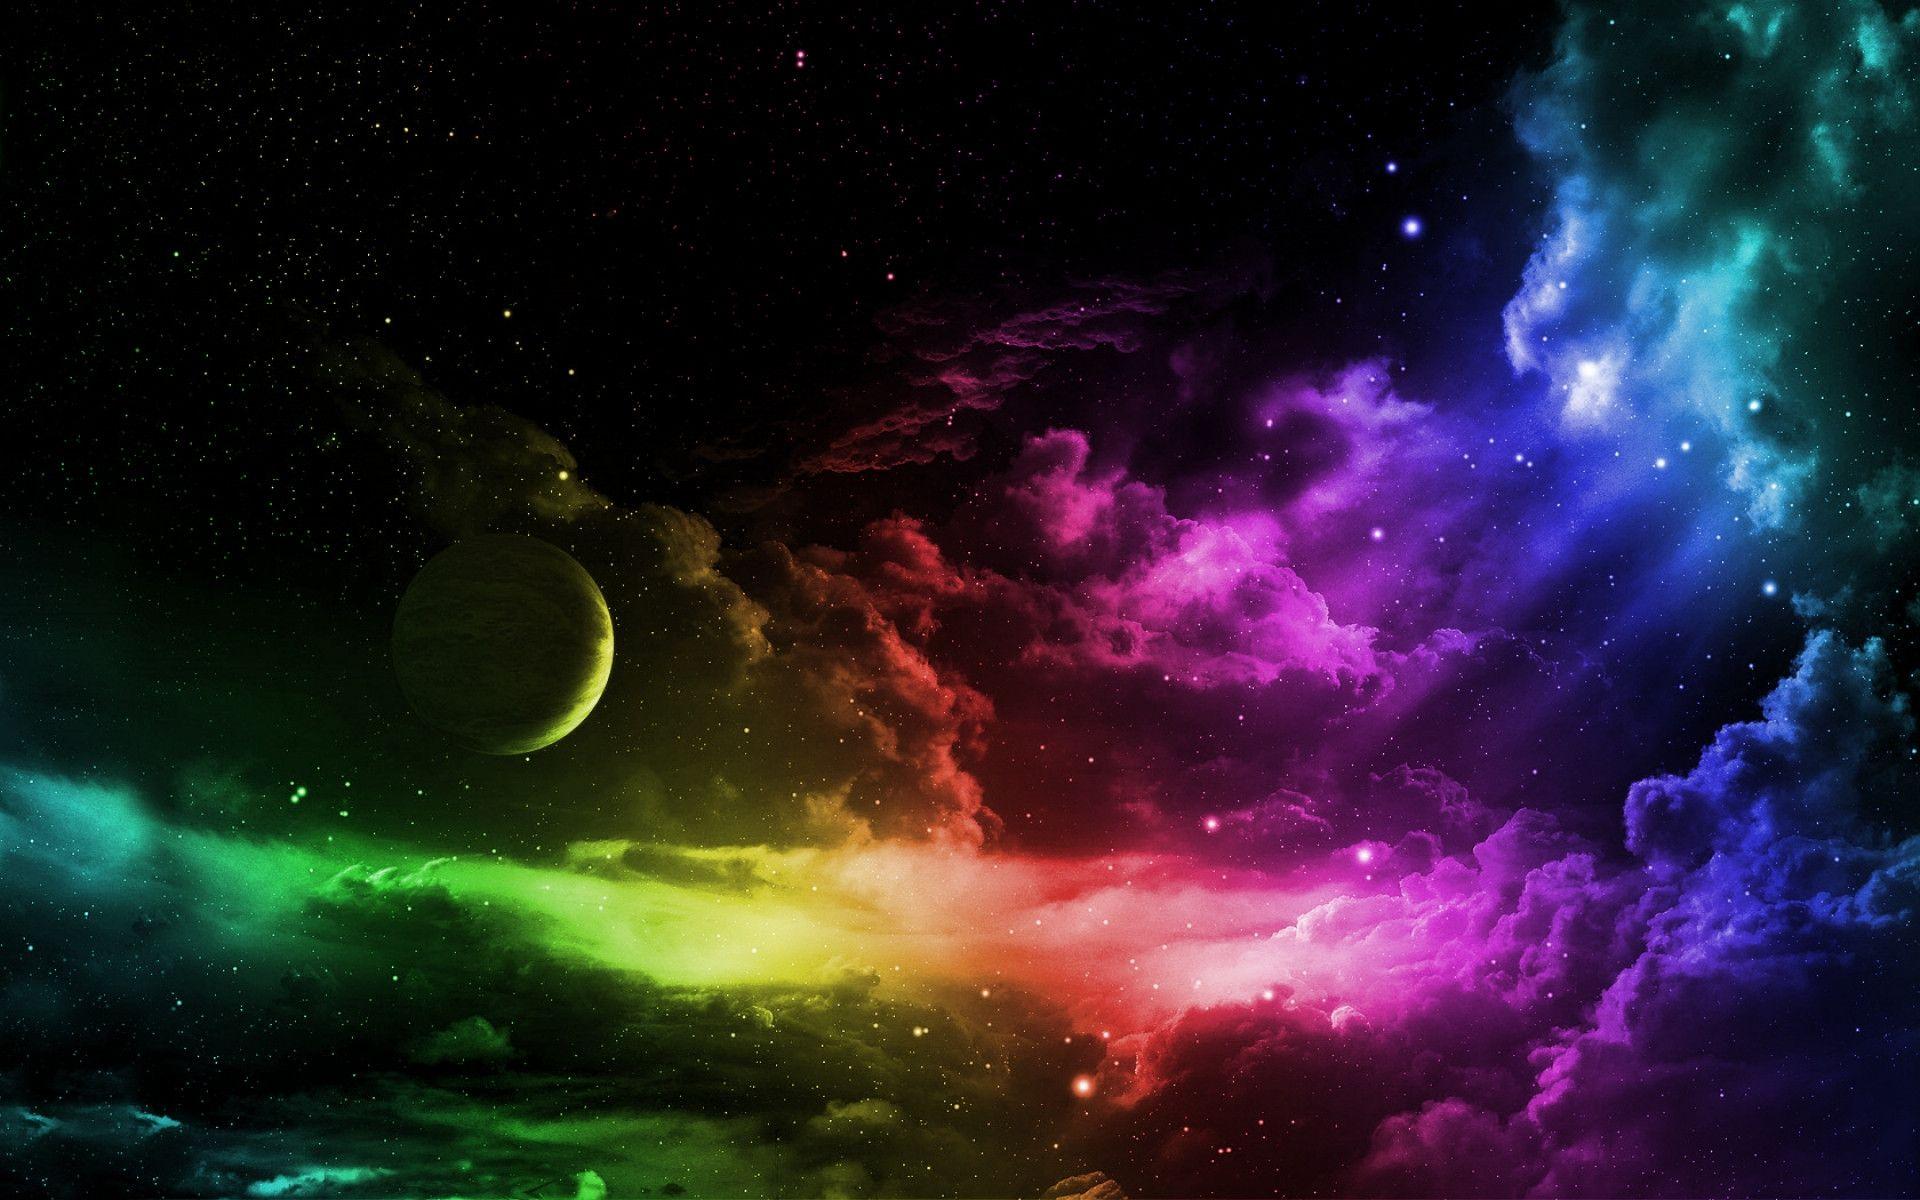 Trippy Space Wallpaper - WallpaperSafari